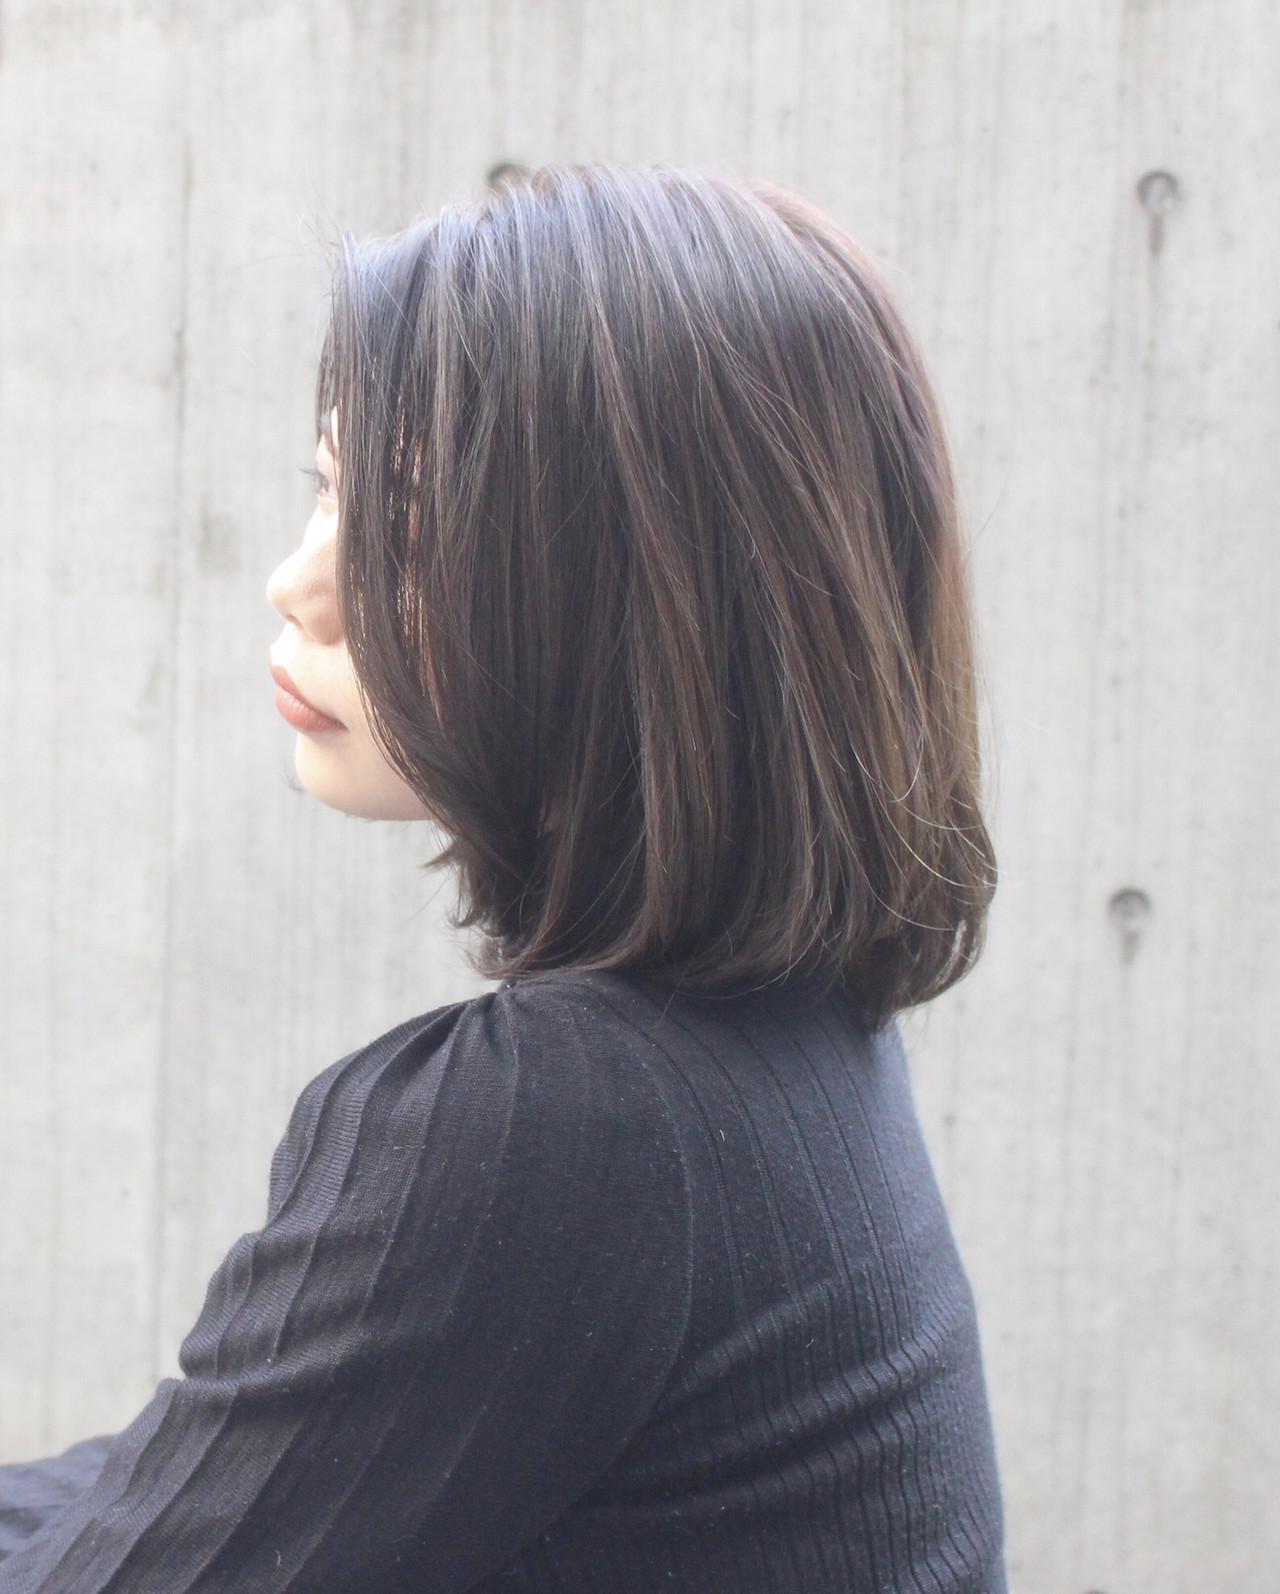 ベージュ ナチュラル 大人可愛い 艶カラー ヘアスタイルや髪型の写真・画像